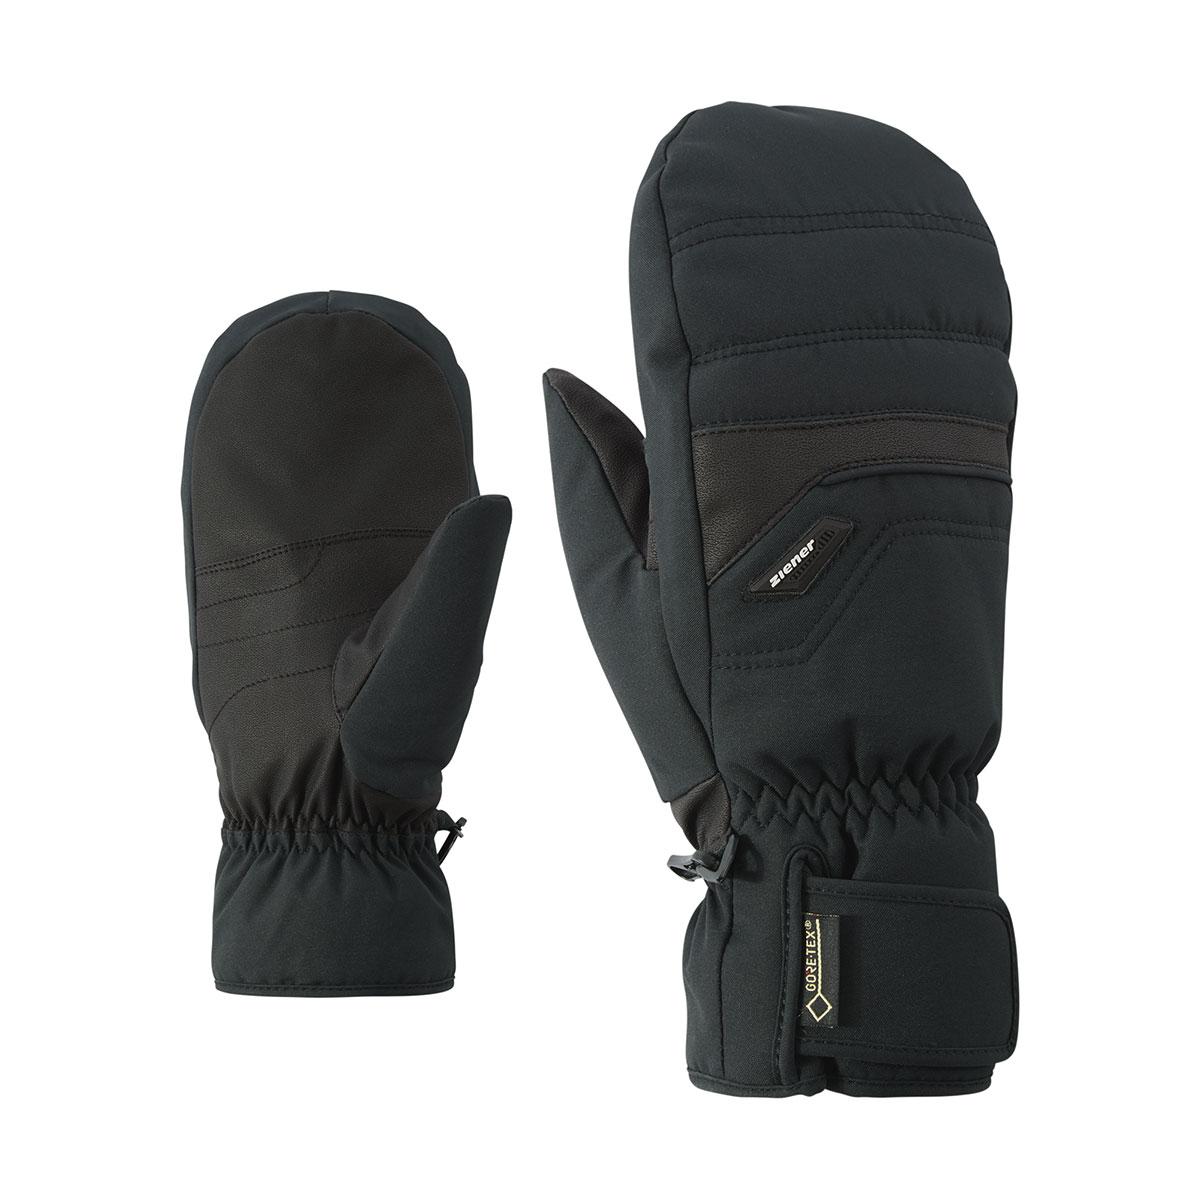 39b423a45e1a4b GLYNDAL GTX + Gore warm MITTEN glove ski alpine - ZIENER - Gloves ...